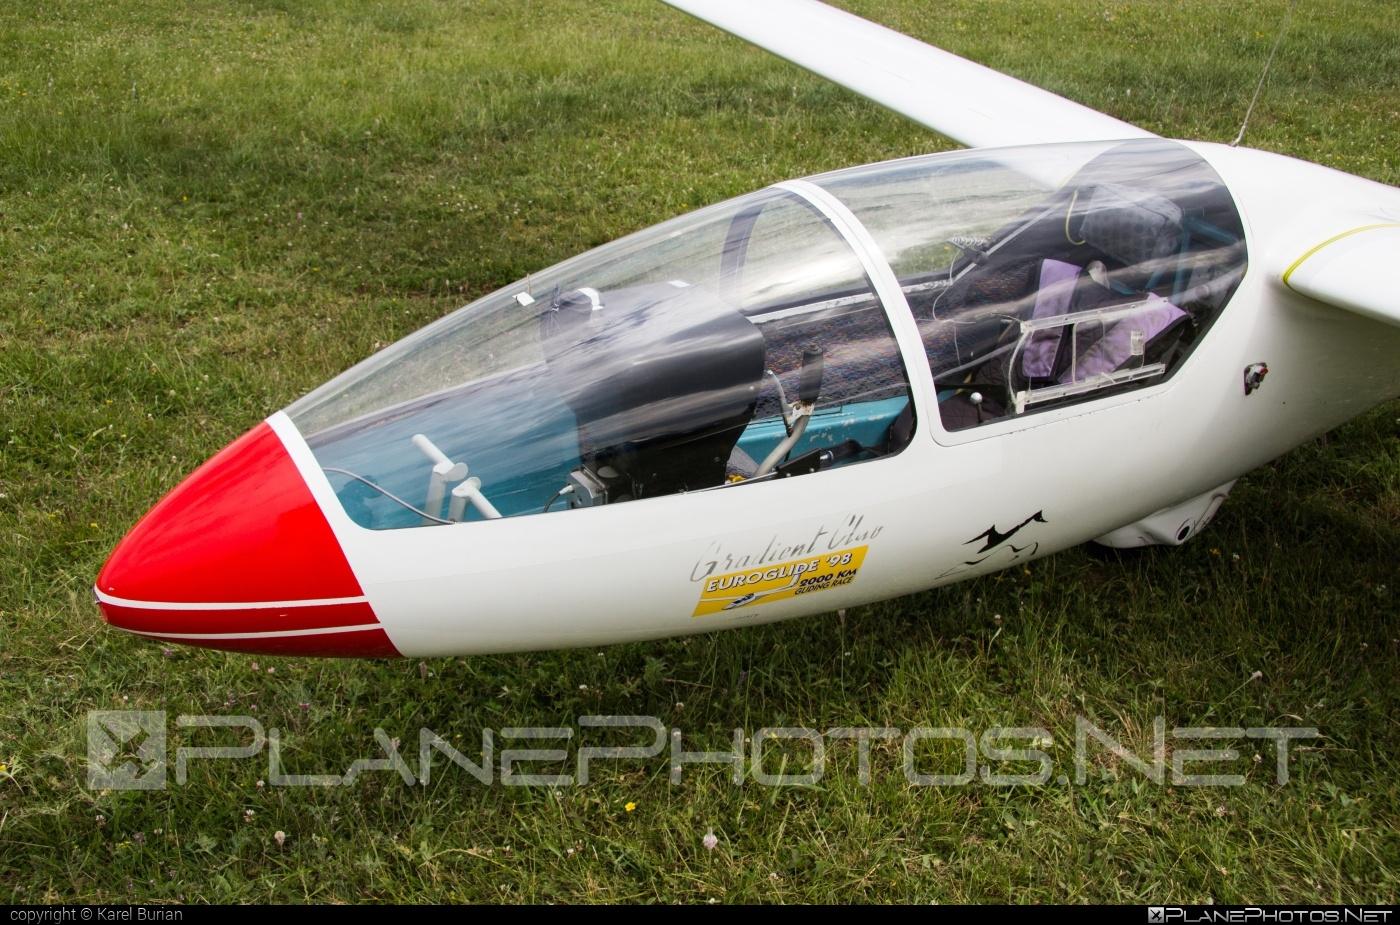 Orličan VSO-10C Gradient Club - OK-0524 operated by Aeroklub Raná #orlican